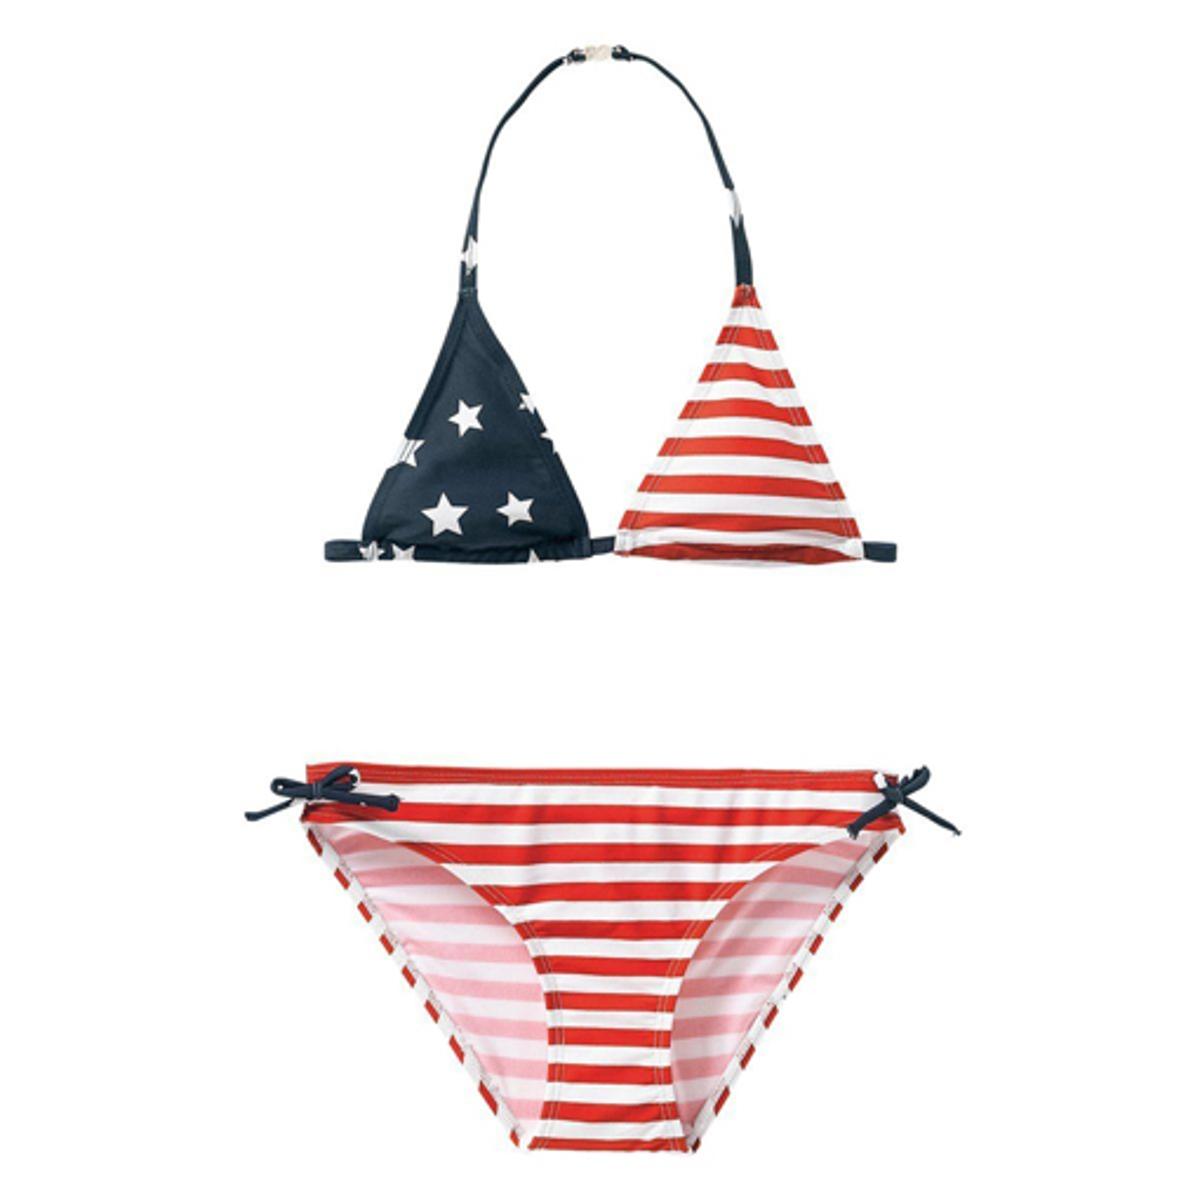 Купальник La Redoute Раздельный с рисунком американский флаг 10-16 лет 10 лет - 138 см красный раздельный женский купальник barbara